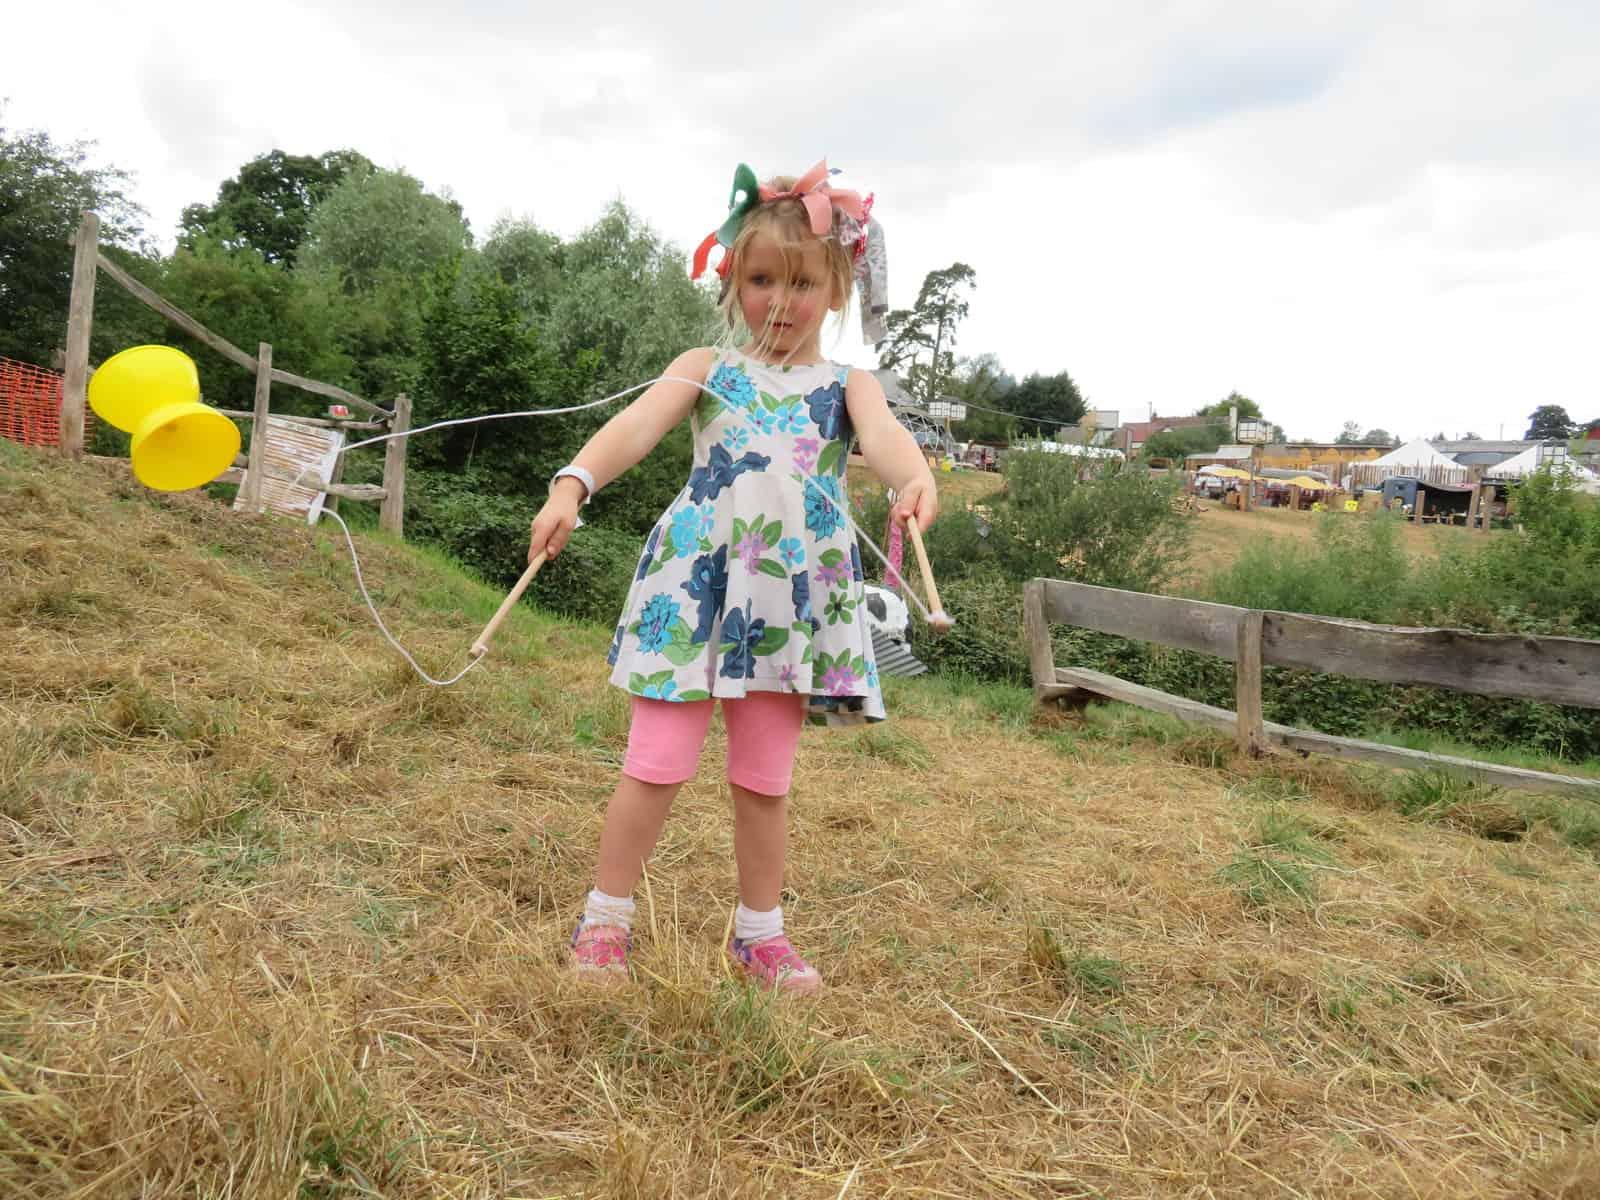 Nozstock the hidden valley festival - girl with diabolo